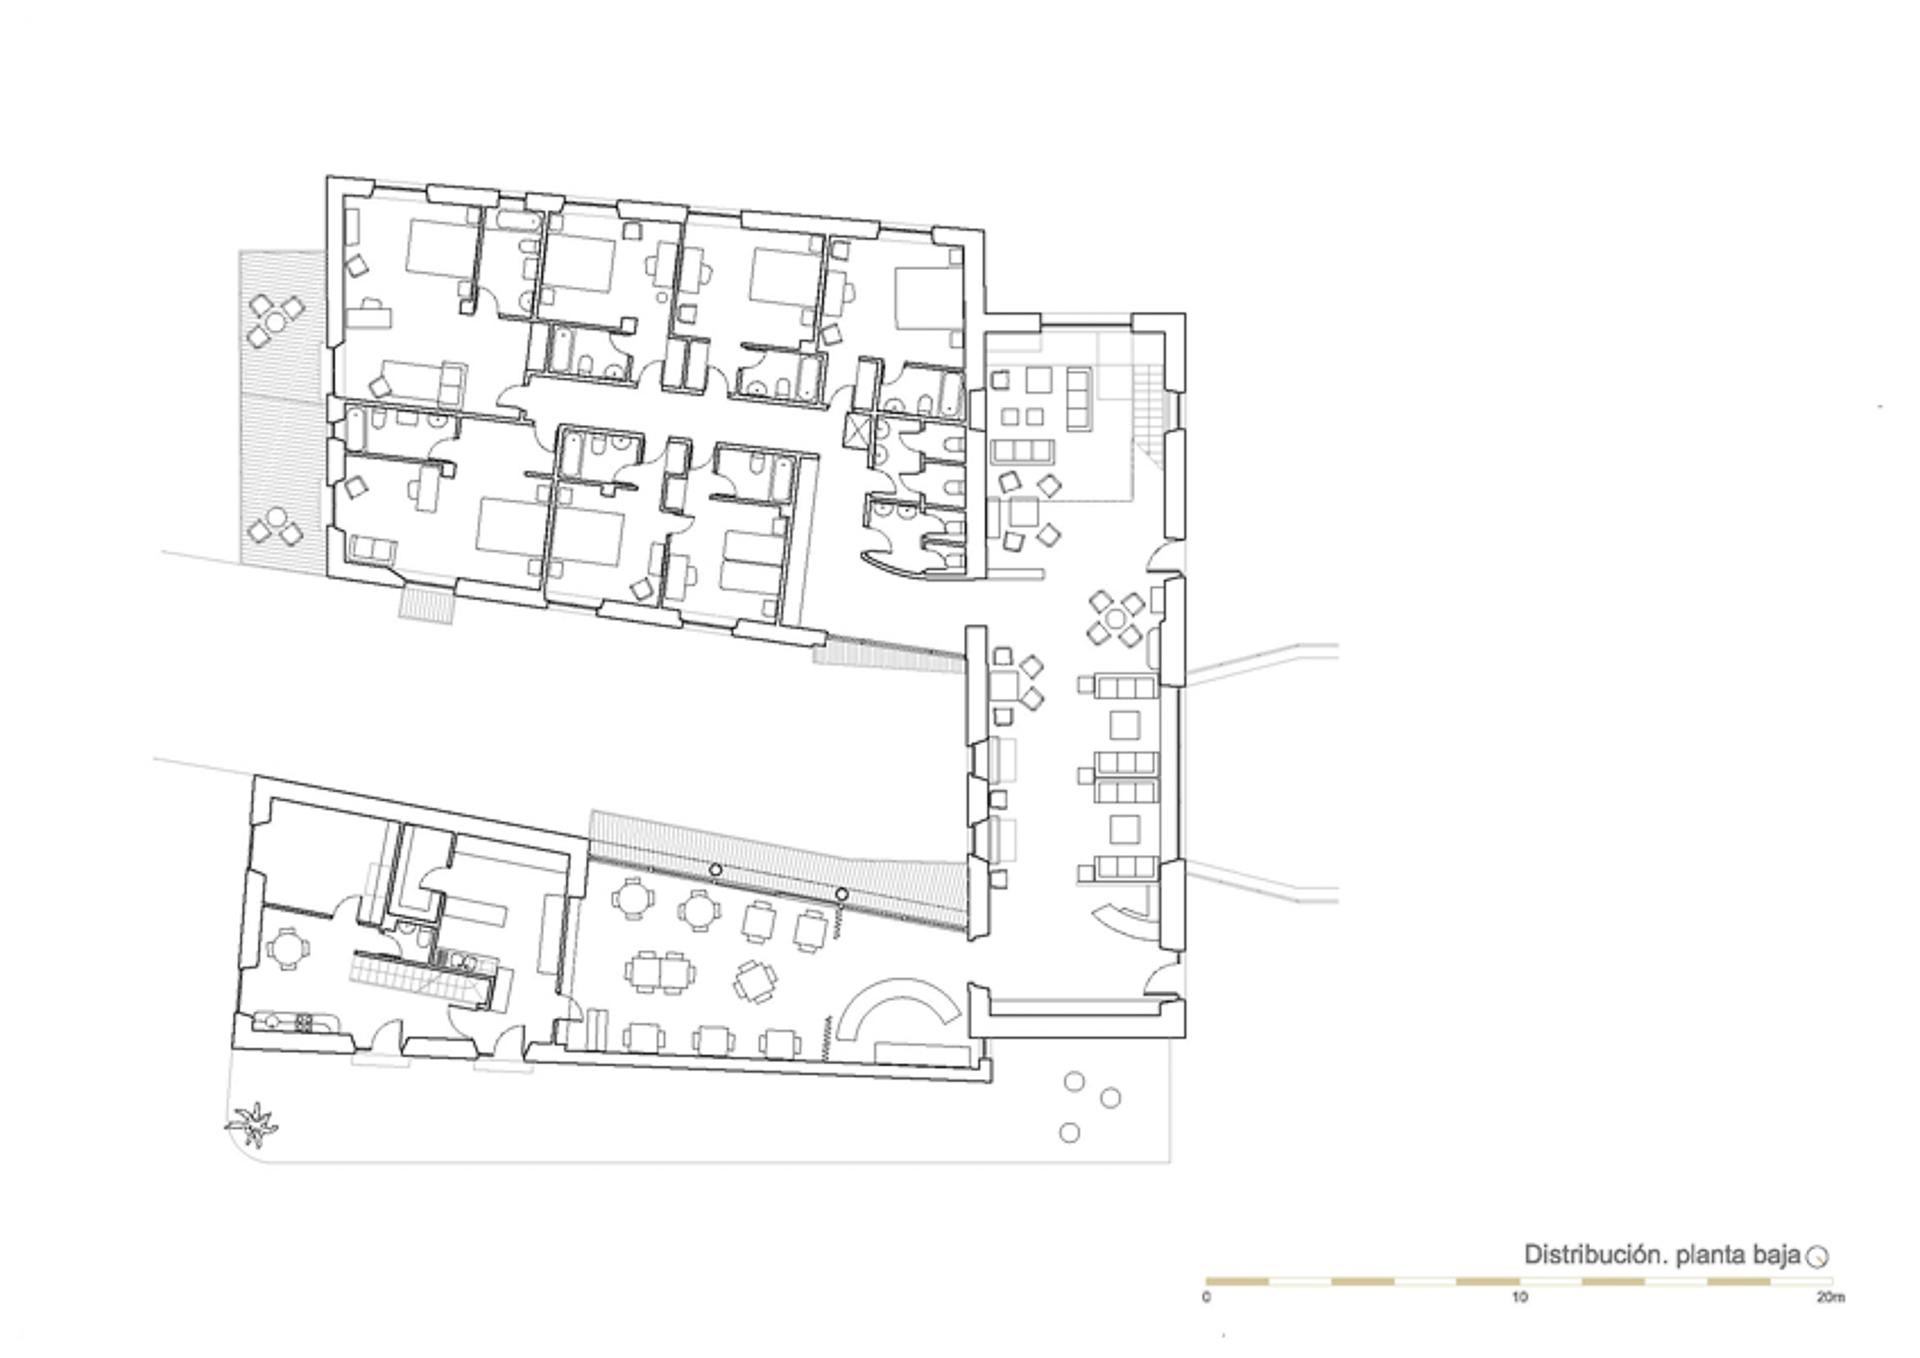 HOTEL_MOLINO_D_SALINAS_Maroto_Ibañez_arquitectos09